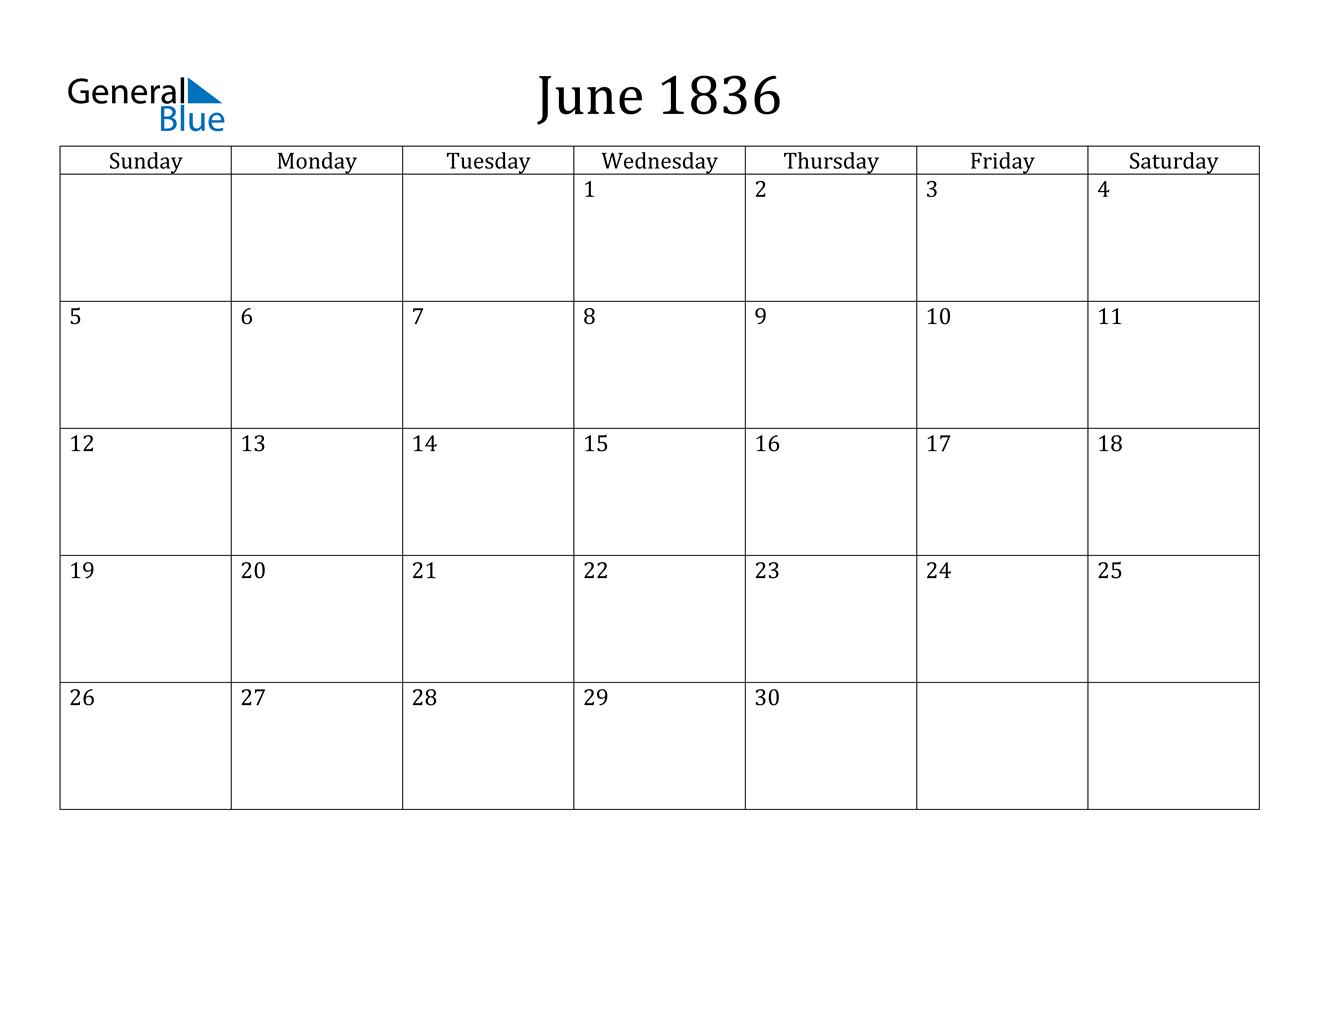 Image of June 1836 Calendar